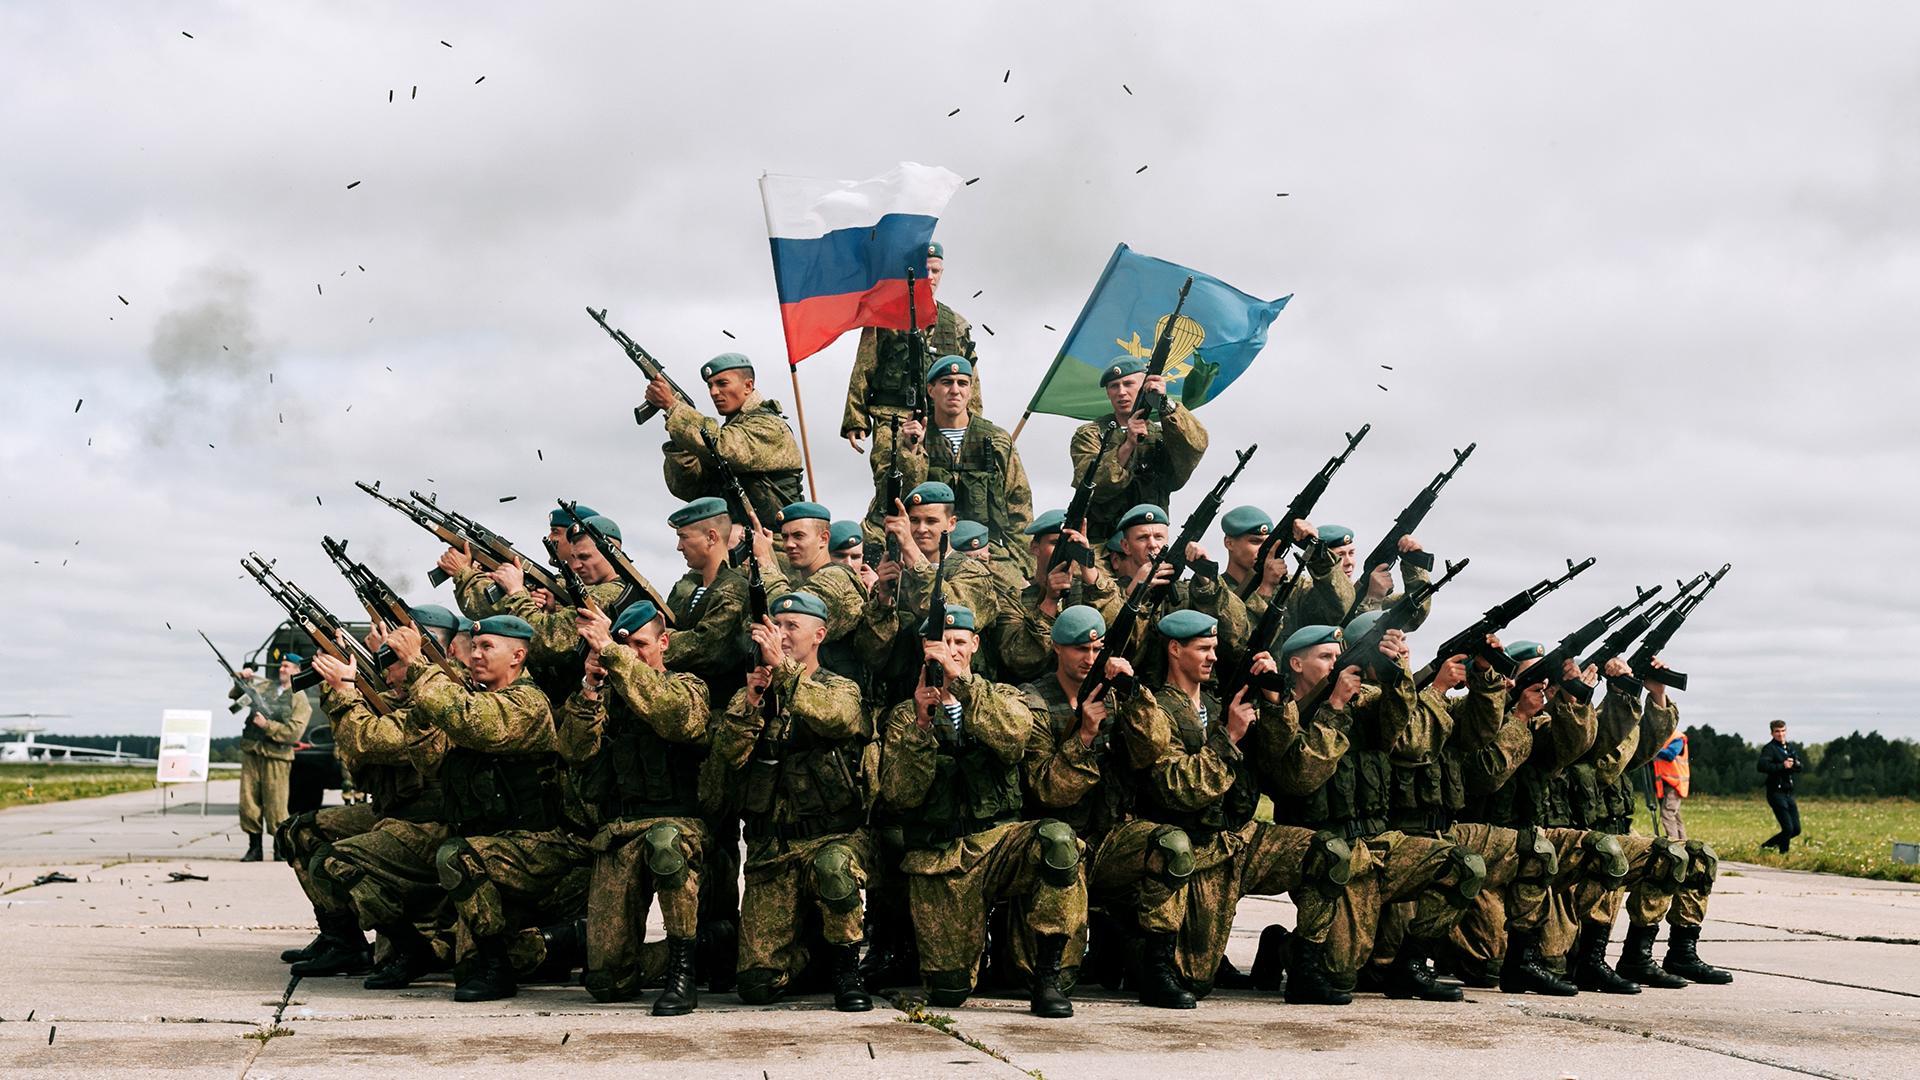 Пореченков армейские фото размытости